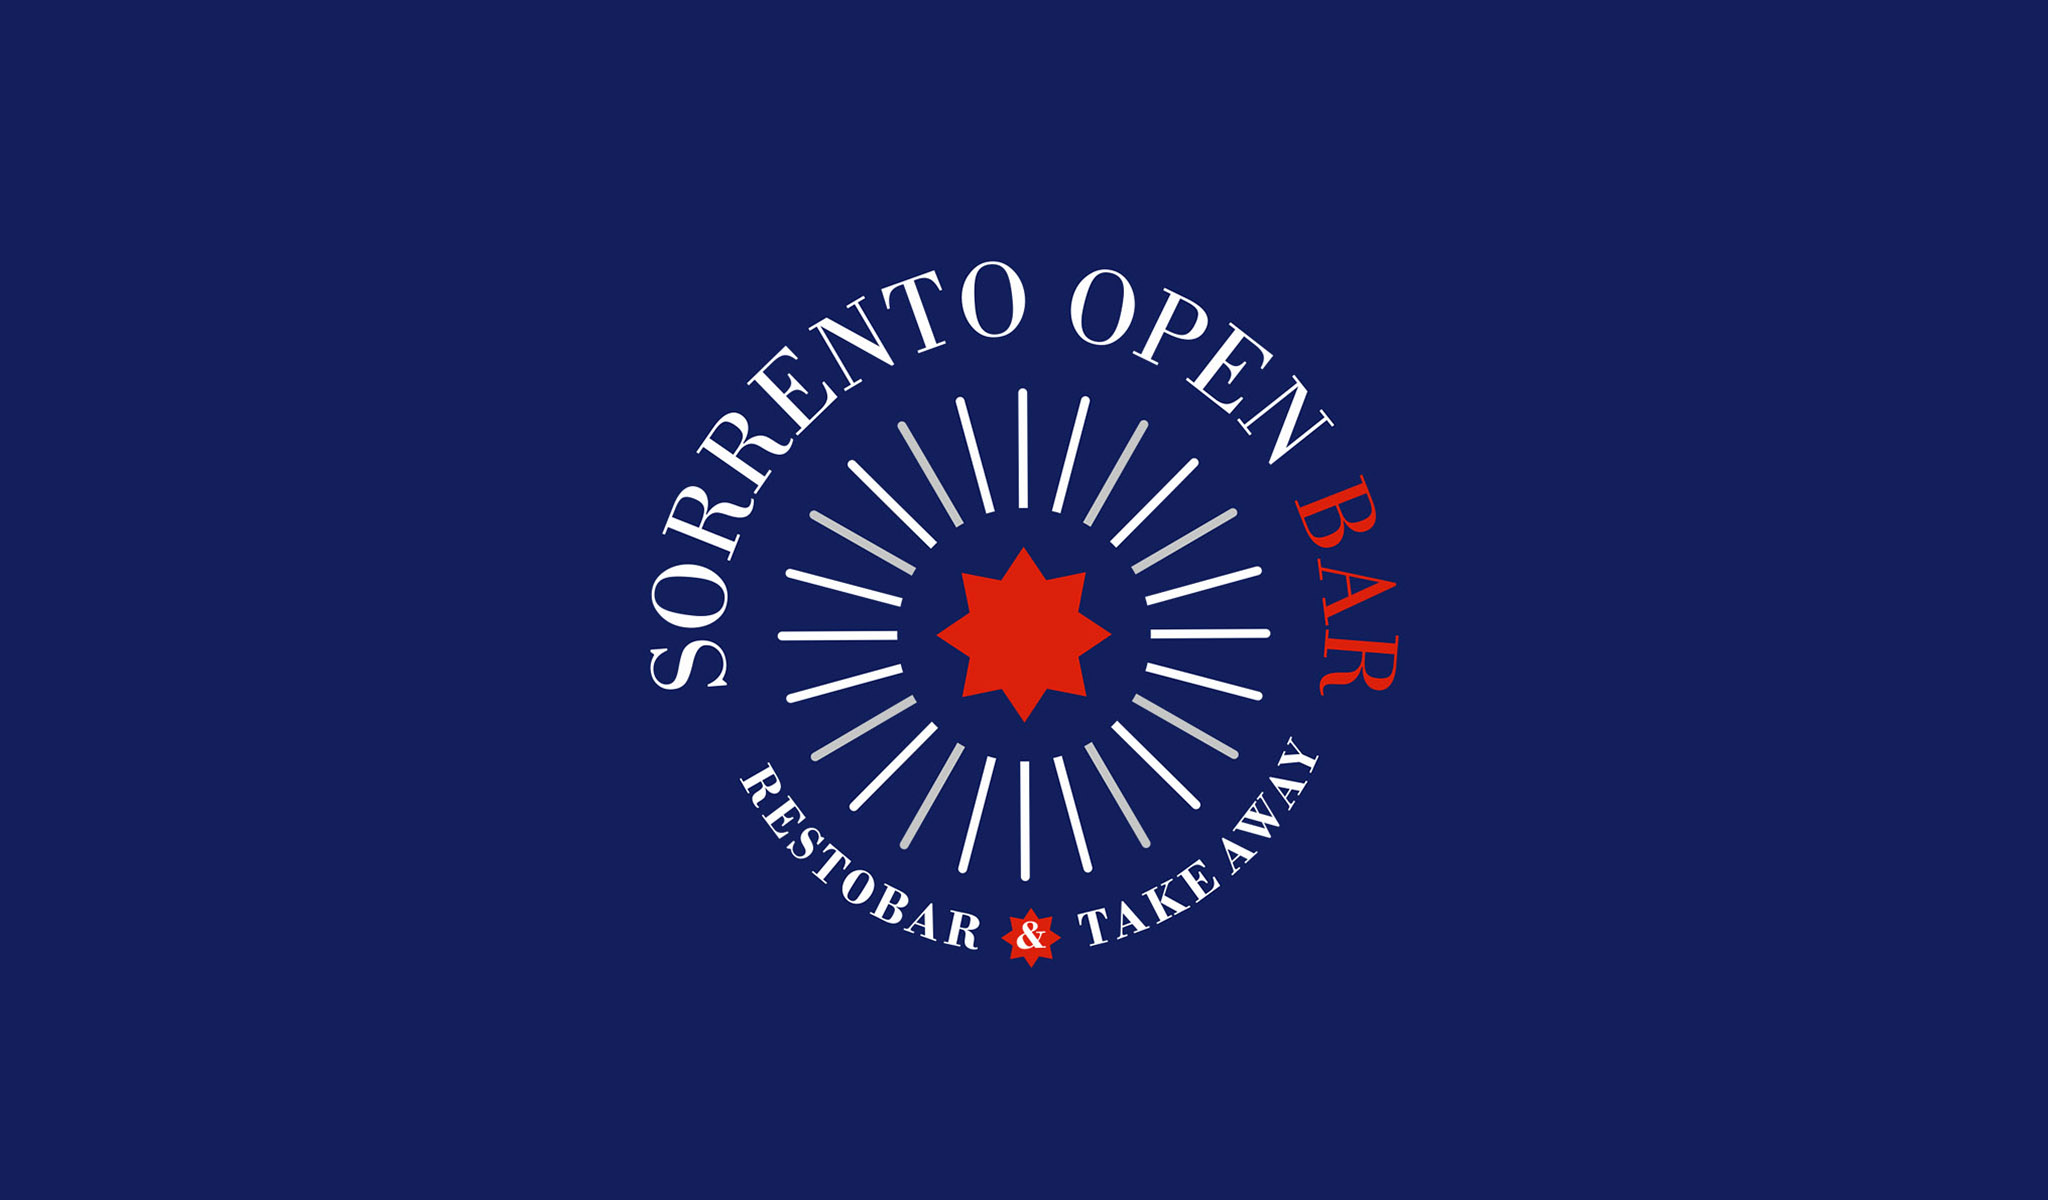 Sorrento Open Bar